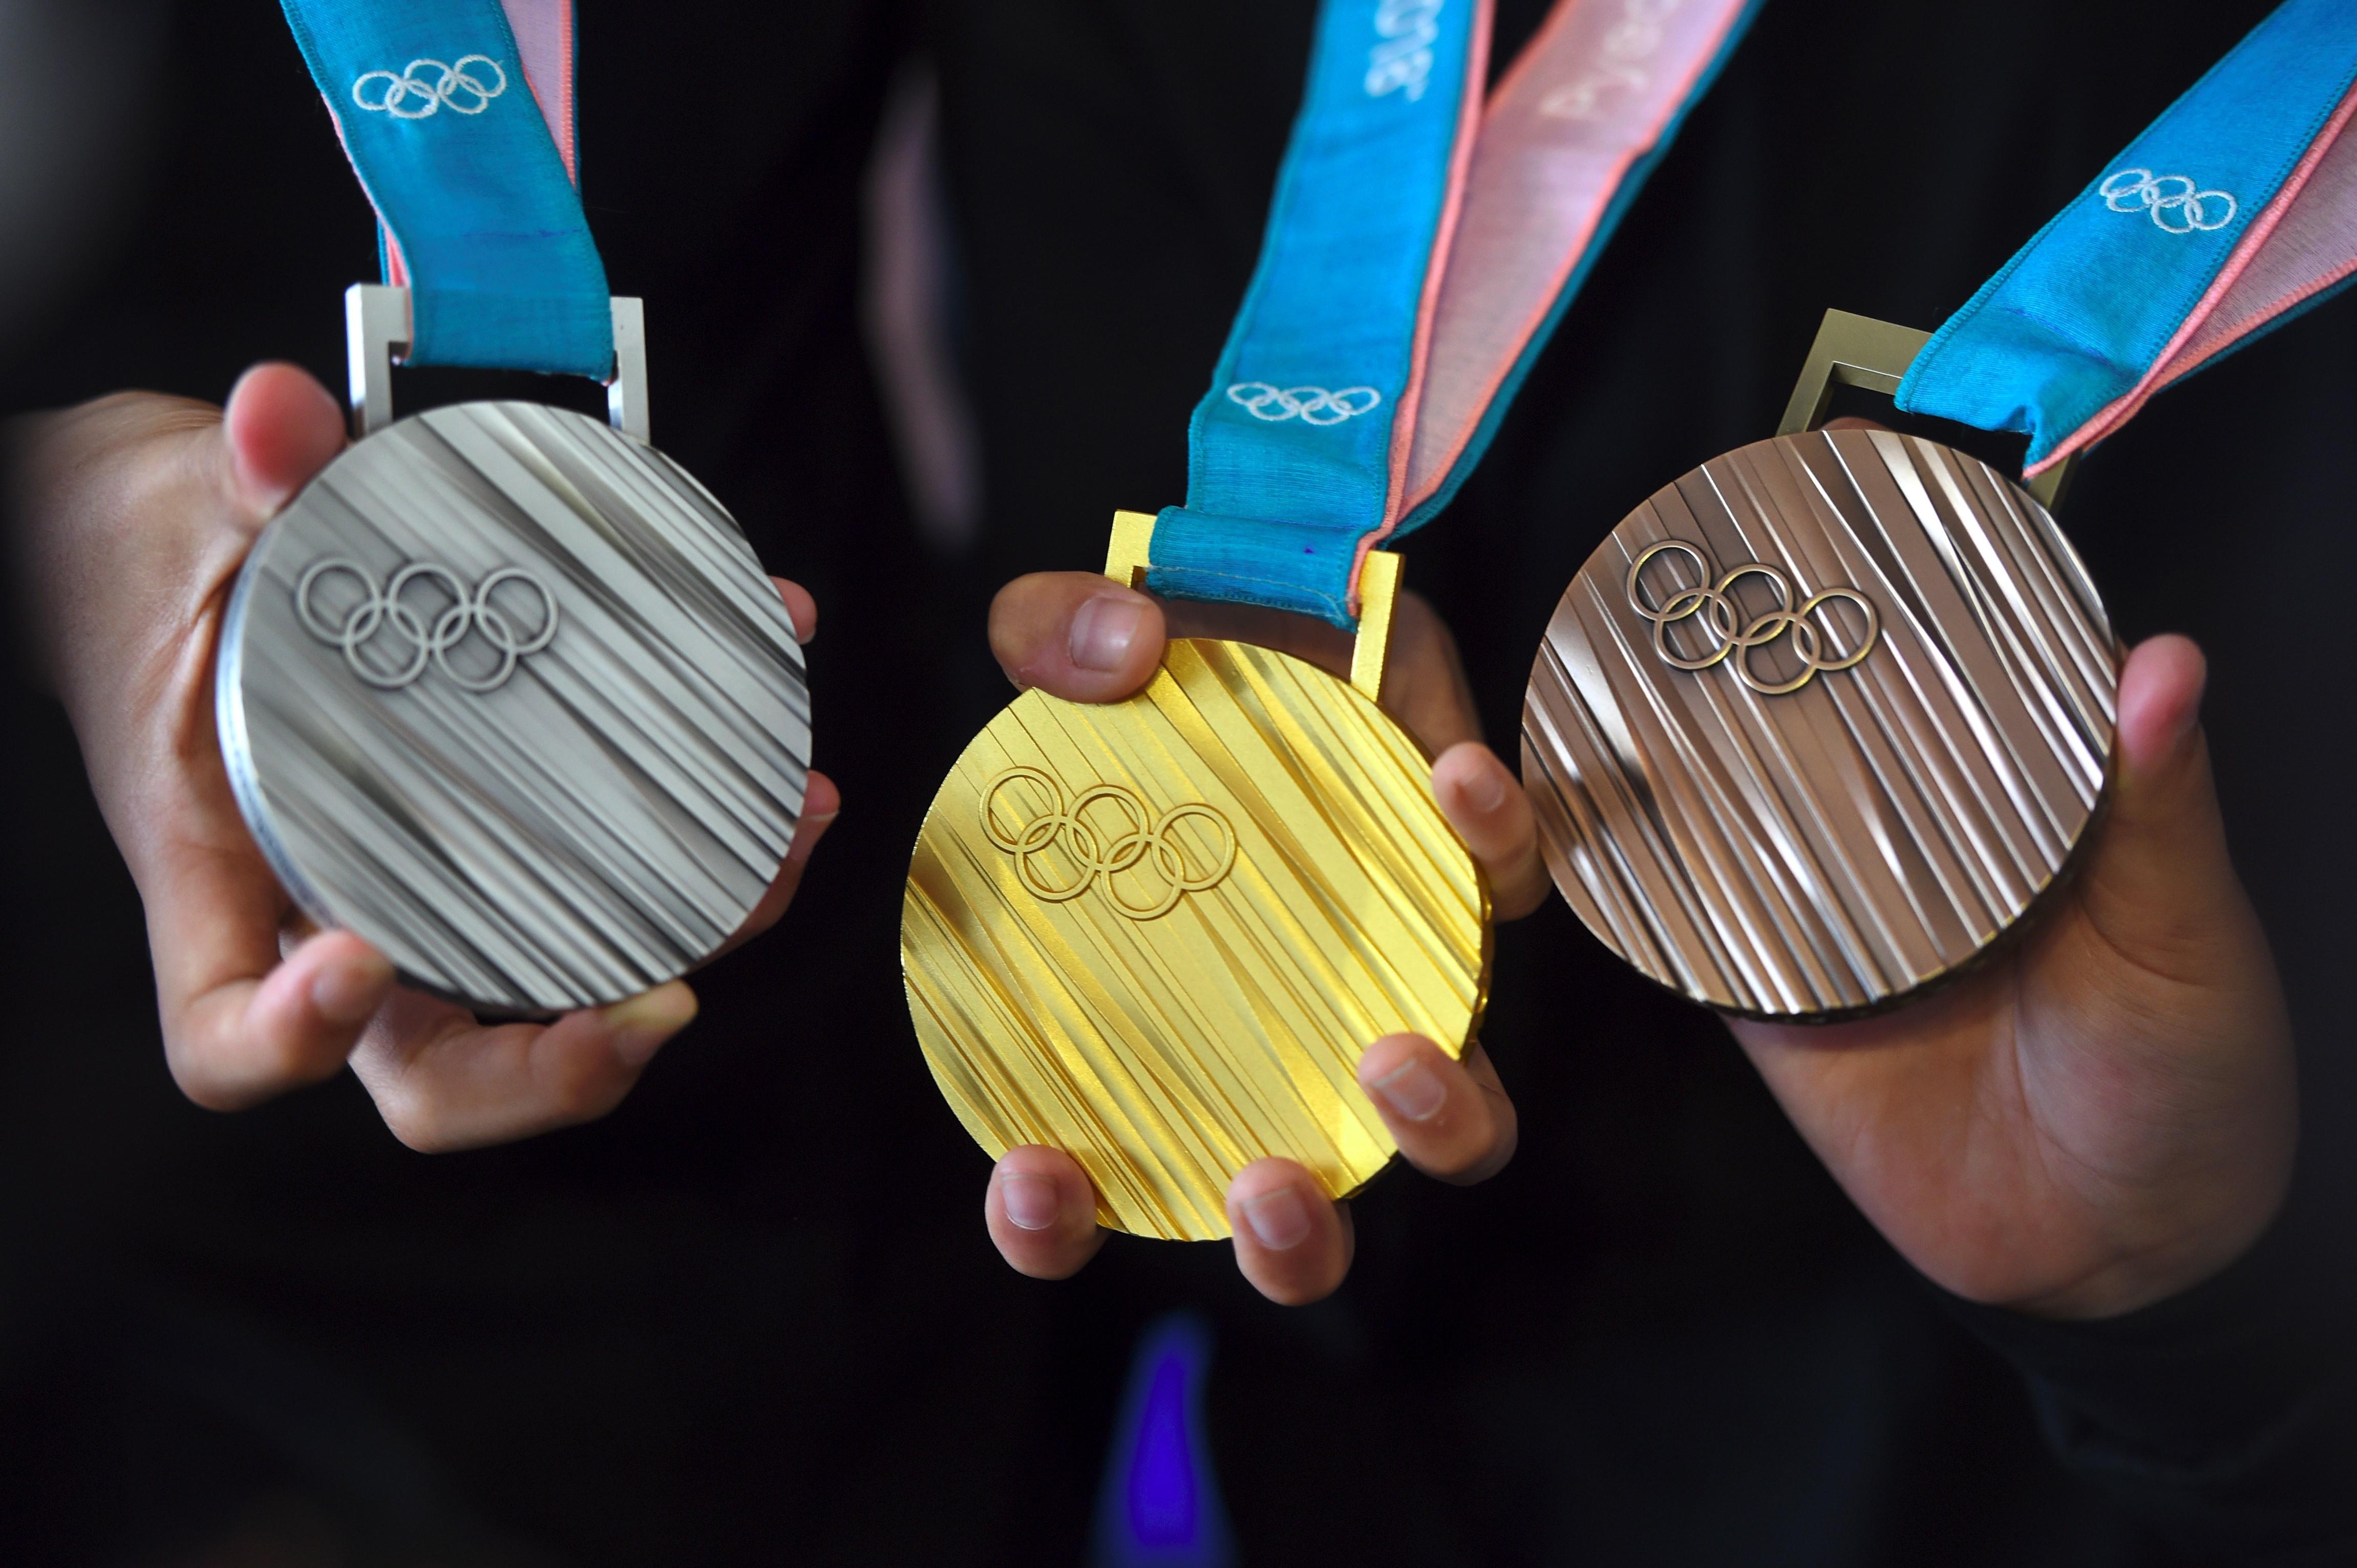 Medallas de los próximos Juegos Olímpicos de Tokio serán fabricadas con teléfonos reciclados